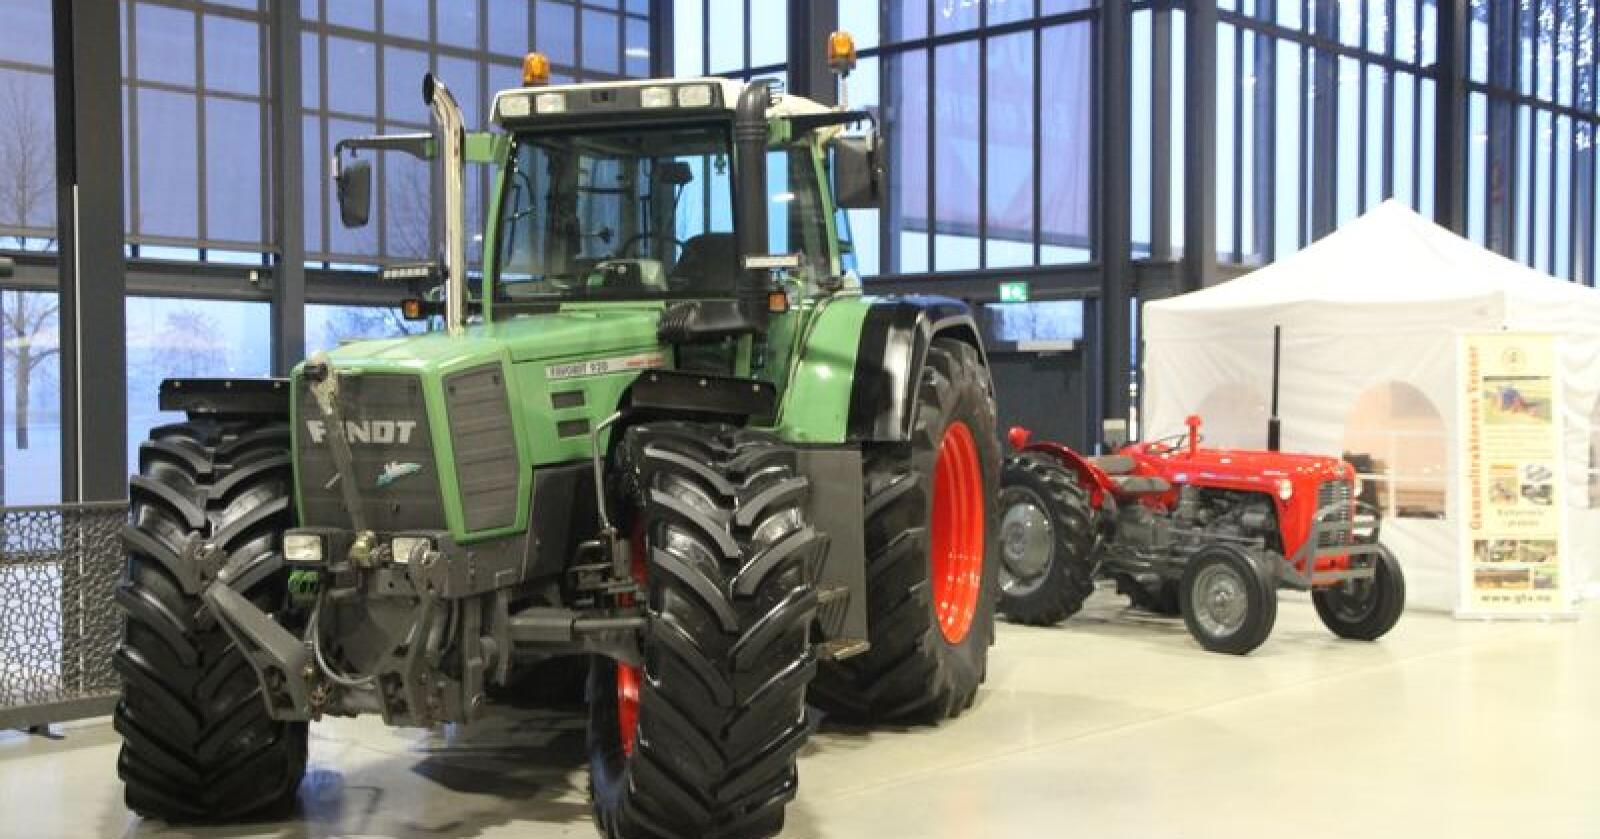 Norges råeste: Under forrige kåring, i 2015, var det Erik Trøen som stakk av med tittelen Norges råeste traktor for sin 2000-modell Fendt 920 Vario. Arkivfoto: Traktor